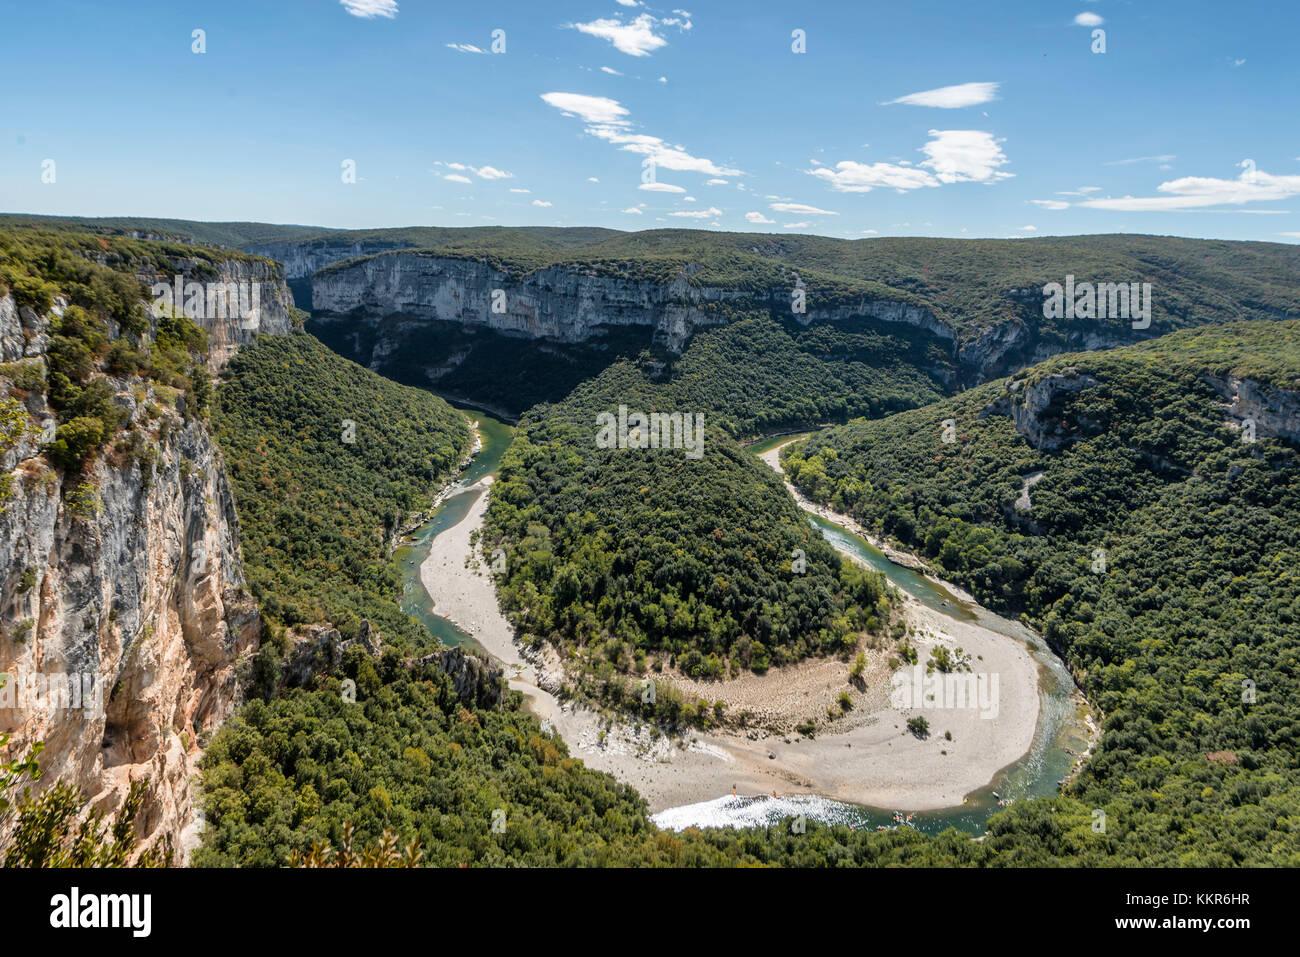 France,  Rhône-Alpes, Ardèche, Saint-Martin-d'Ardèche, Gorges de l'Ardèche, view of - Stock Image